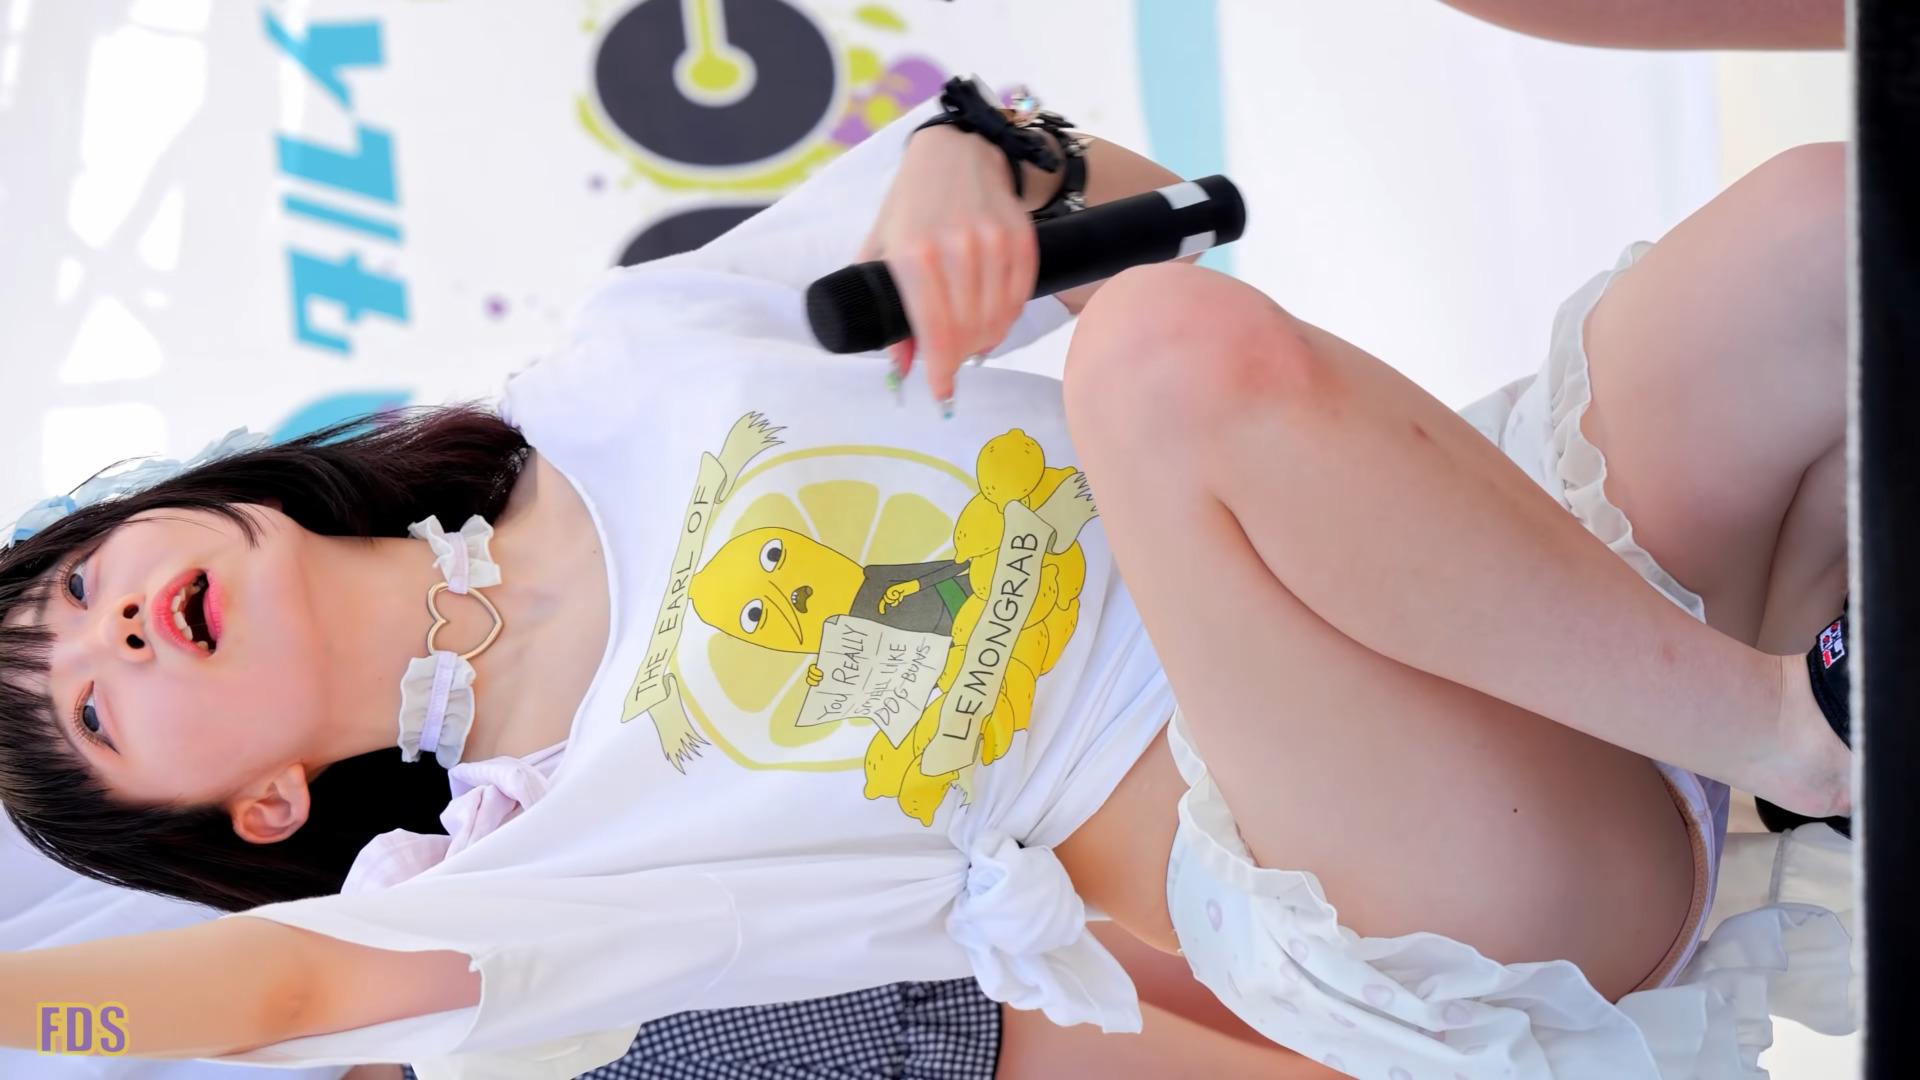 暑いので冷えピタ貼って 水着になりました アイドル サークルクラッシャー Japanese girls idol group [4K] 06:02